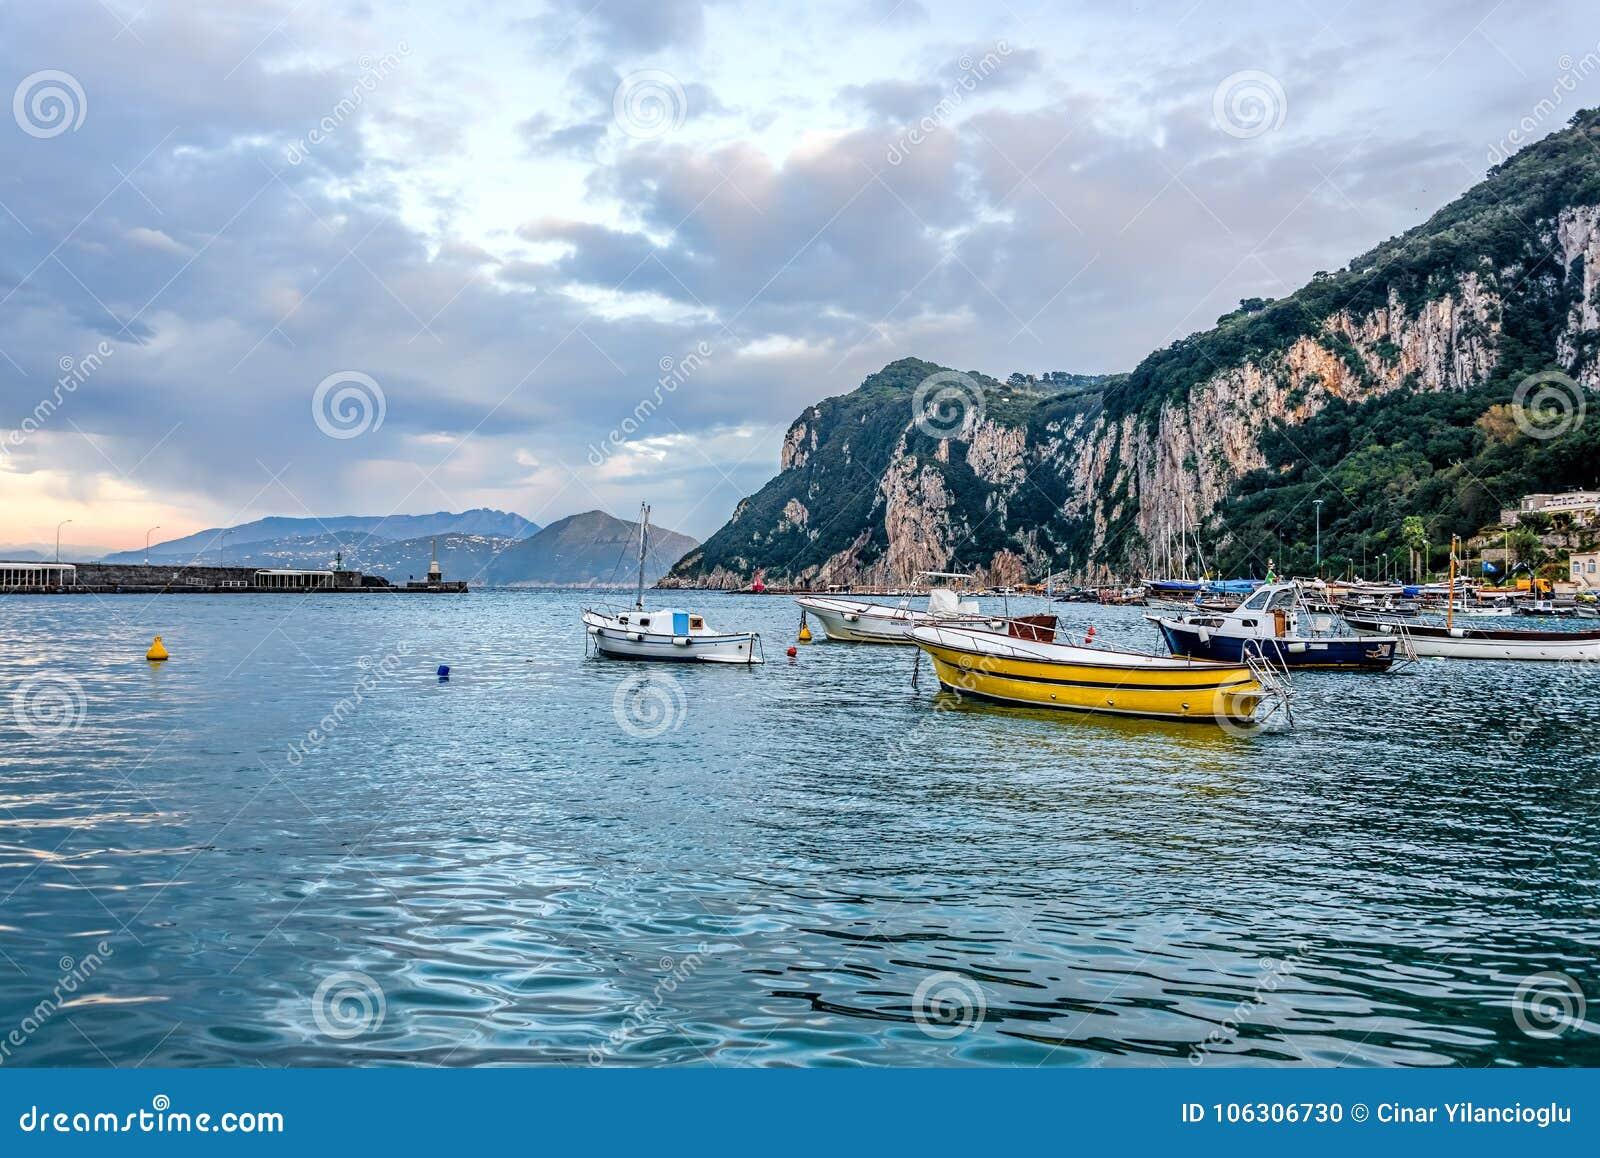 Barcos no porto principal da ilha de Capri sob céus nebulosos